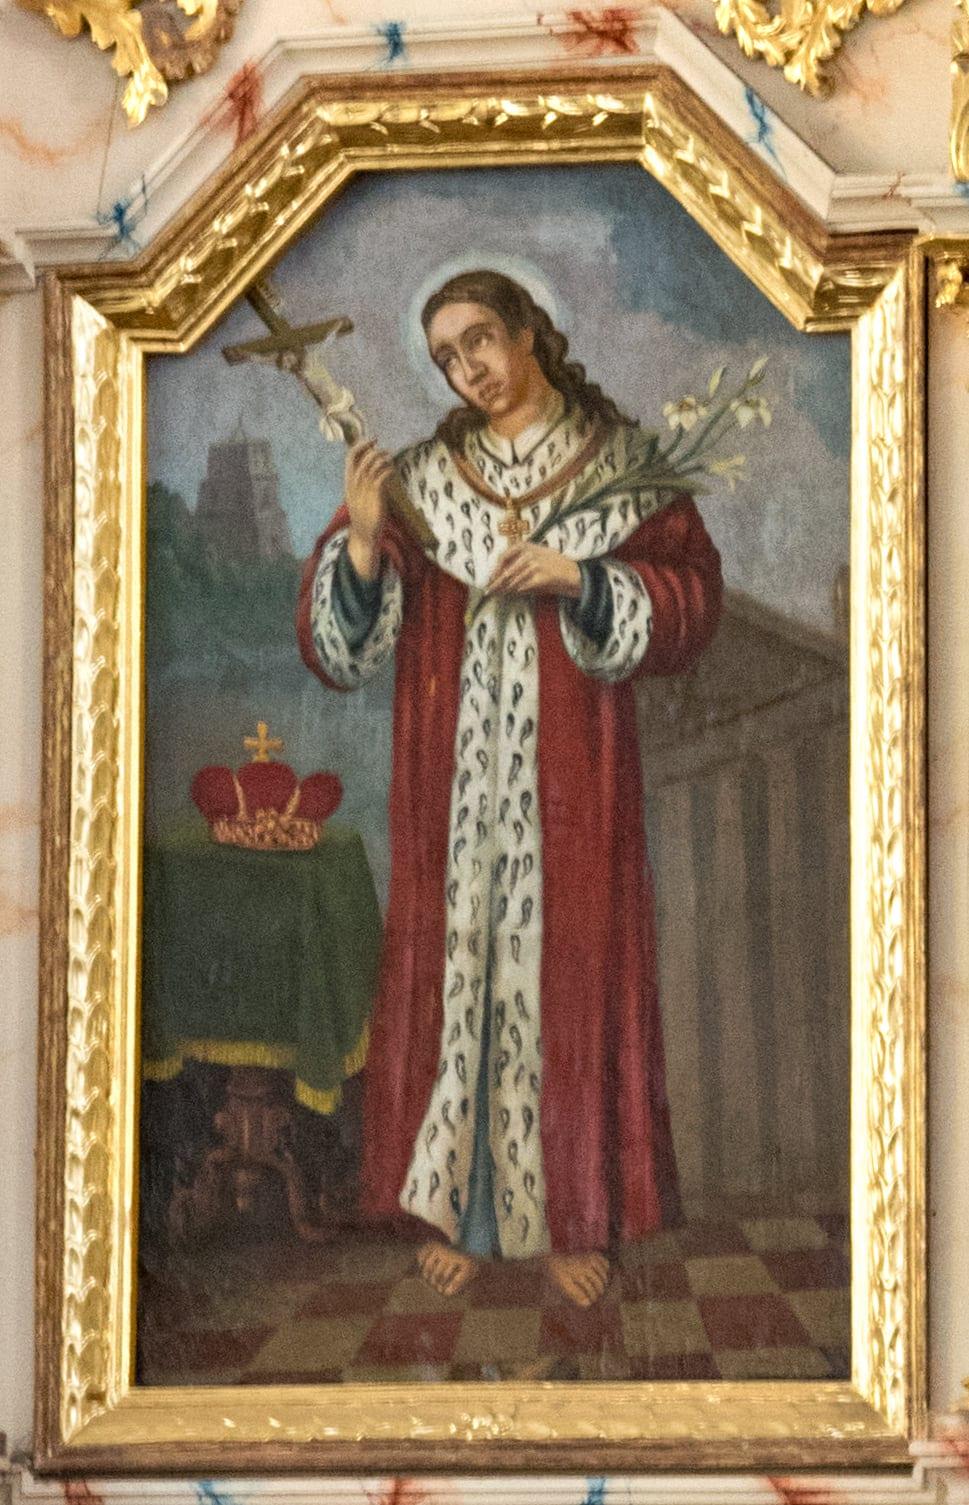 Šv. Kazimiero paveikslas Kretingoje